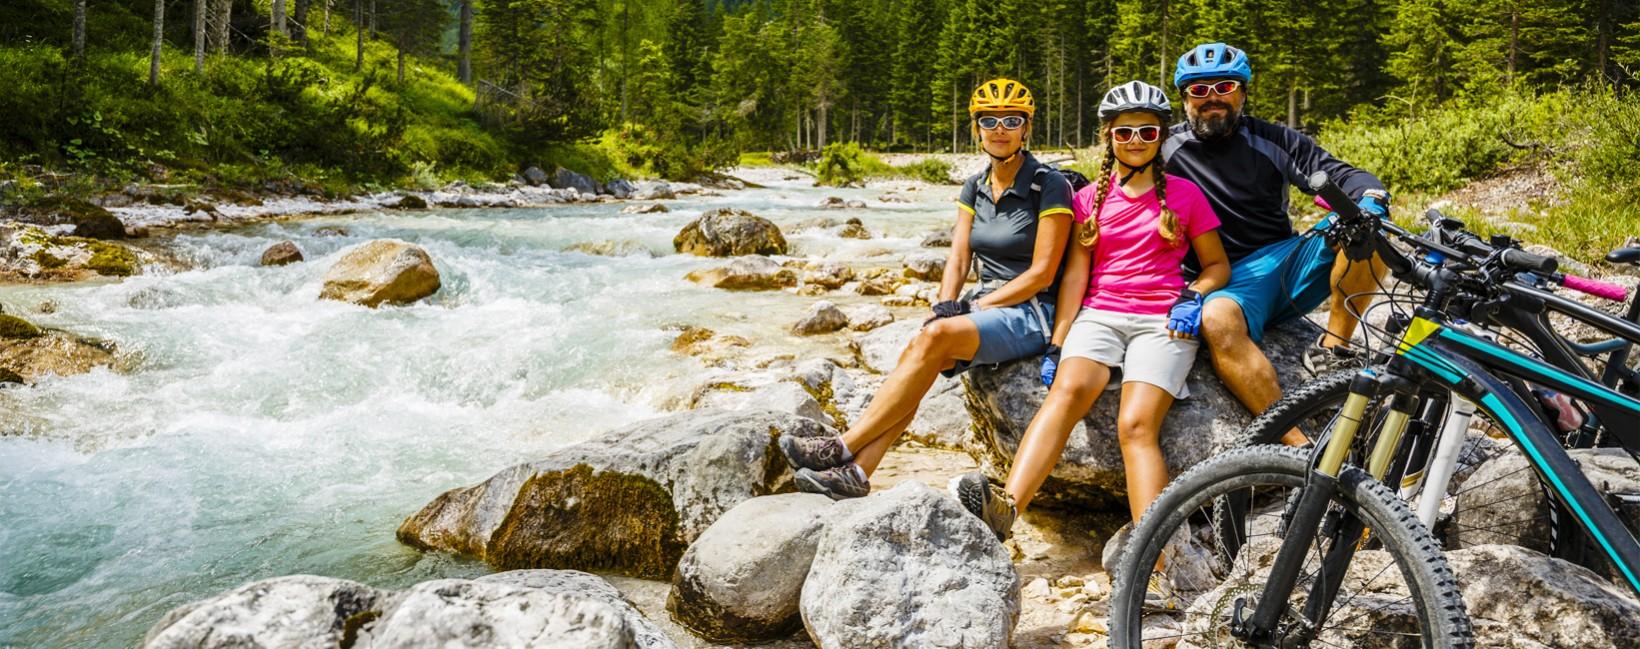 Bikehotels- und gastgeber im Berchtesgadener Land